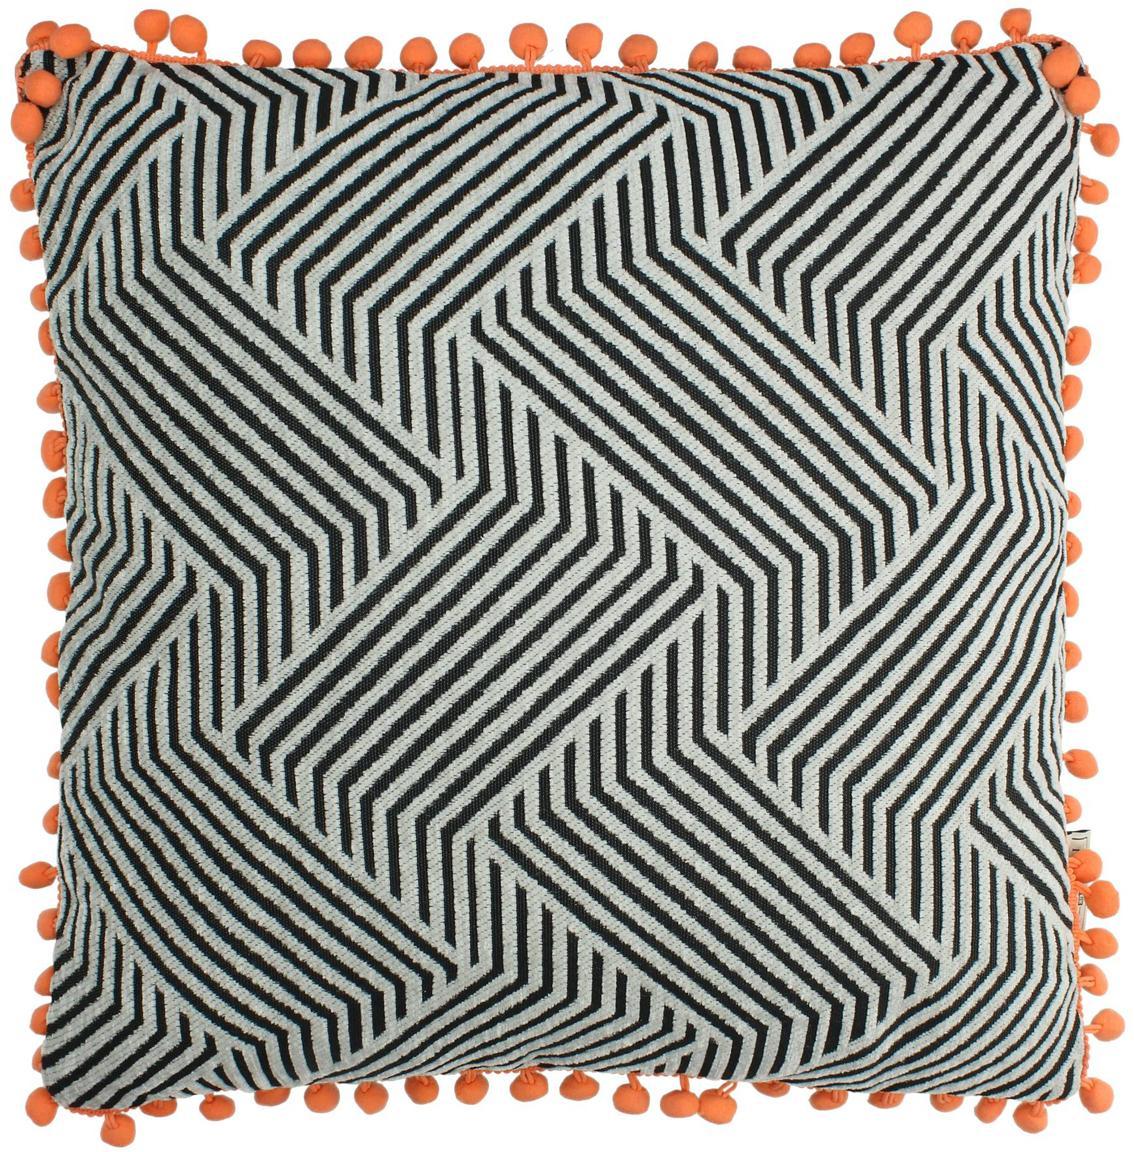 Kissen Waves mit orangefarbenden Bommeln, mit Inlett, Schwarz, gebrochenes Weiß, Orange, 45 x 45 cm